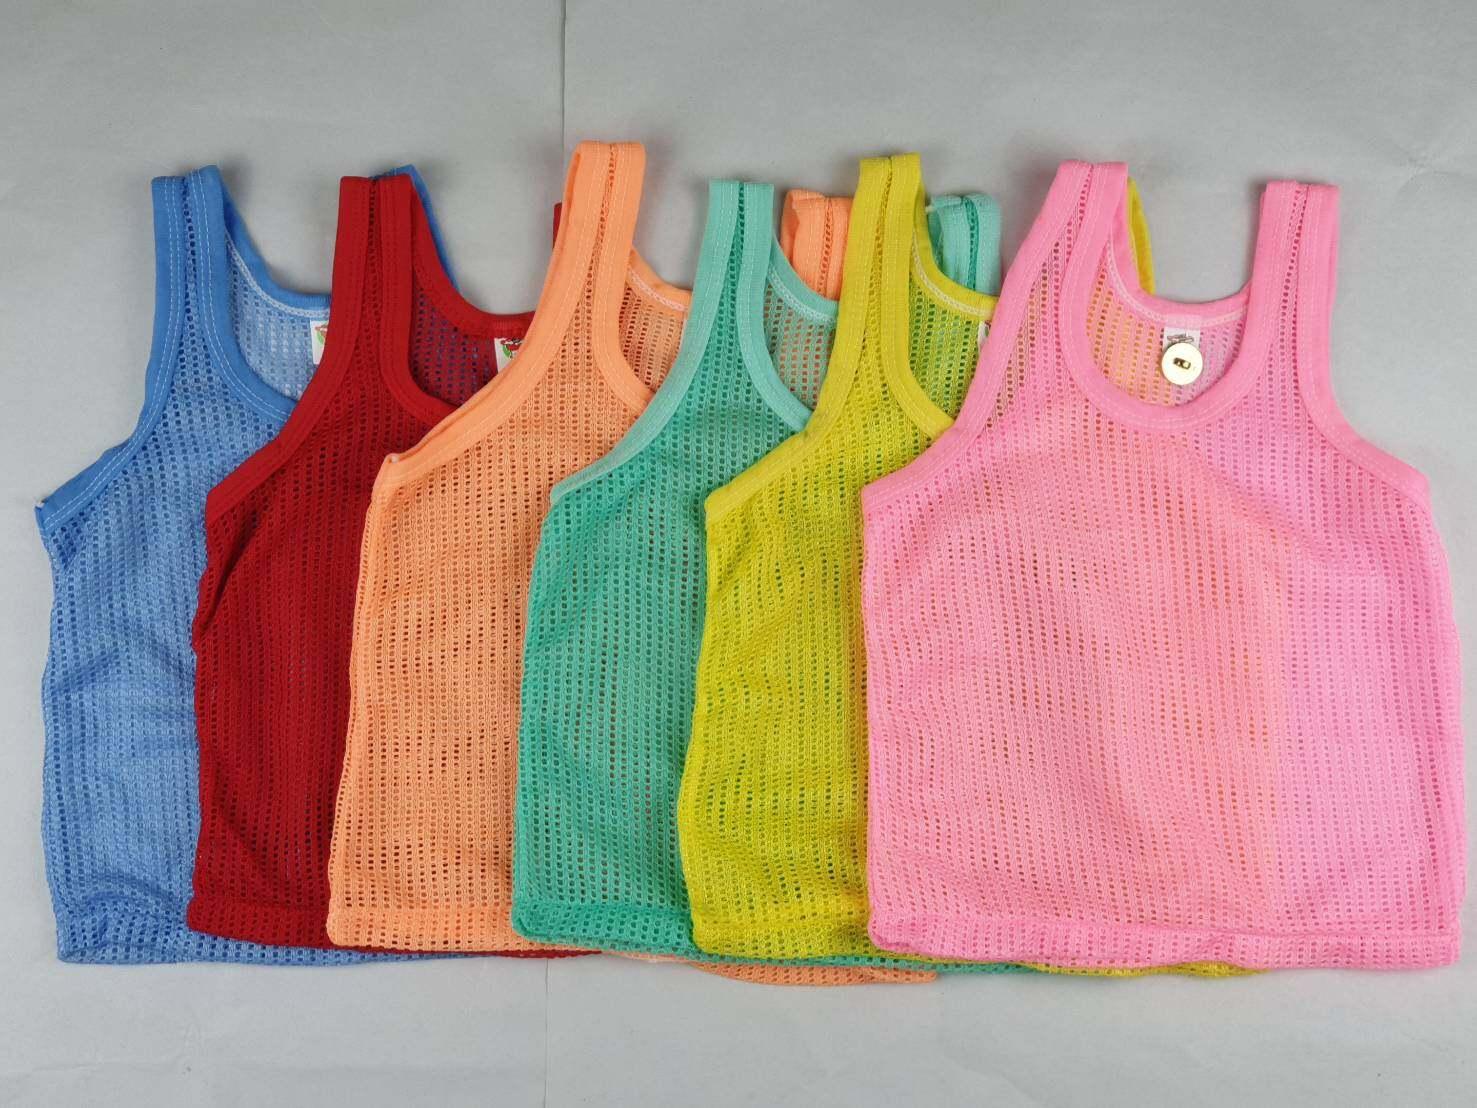 เสื้อกล้ามสำหรับเด็กแรกเกิด เด็กอ่อน เลือกสีได้ V28.